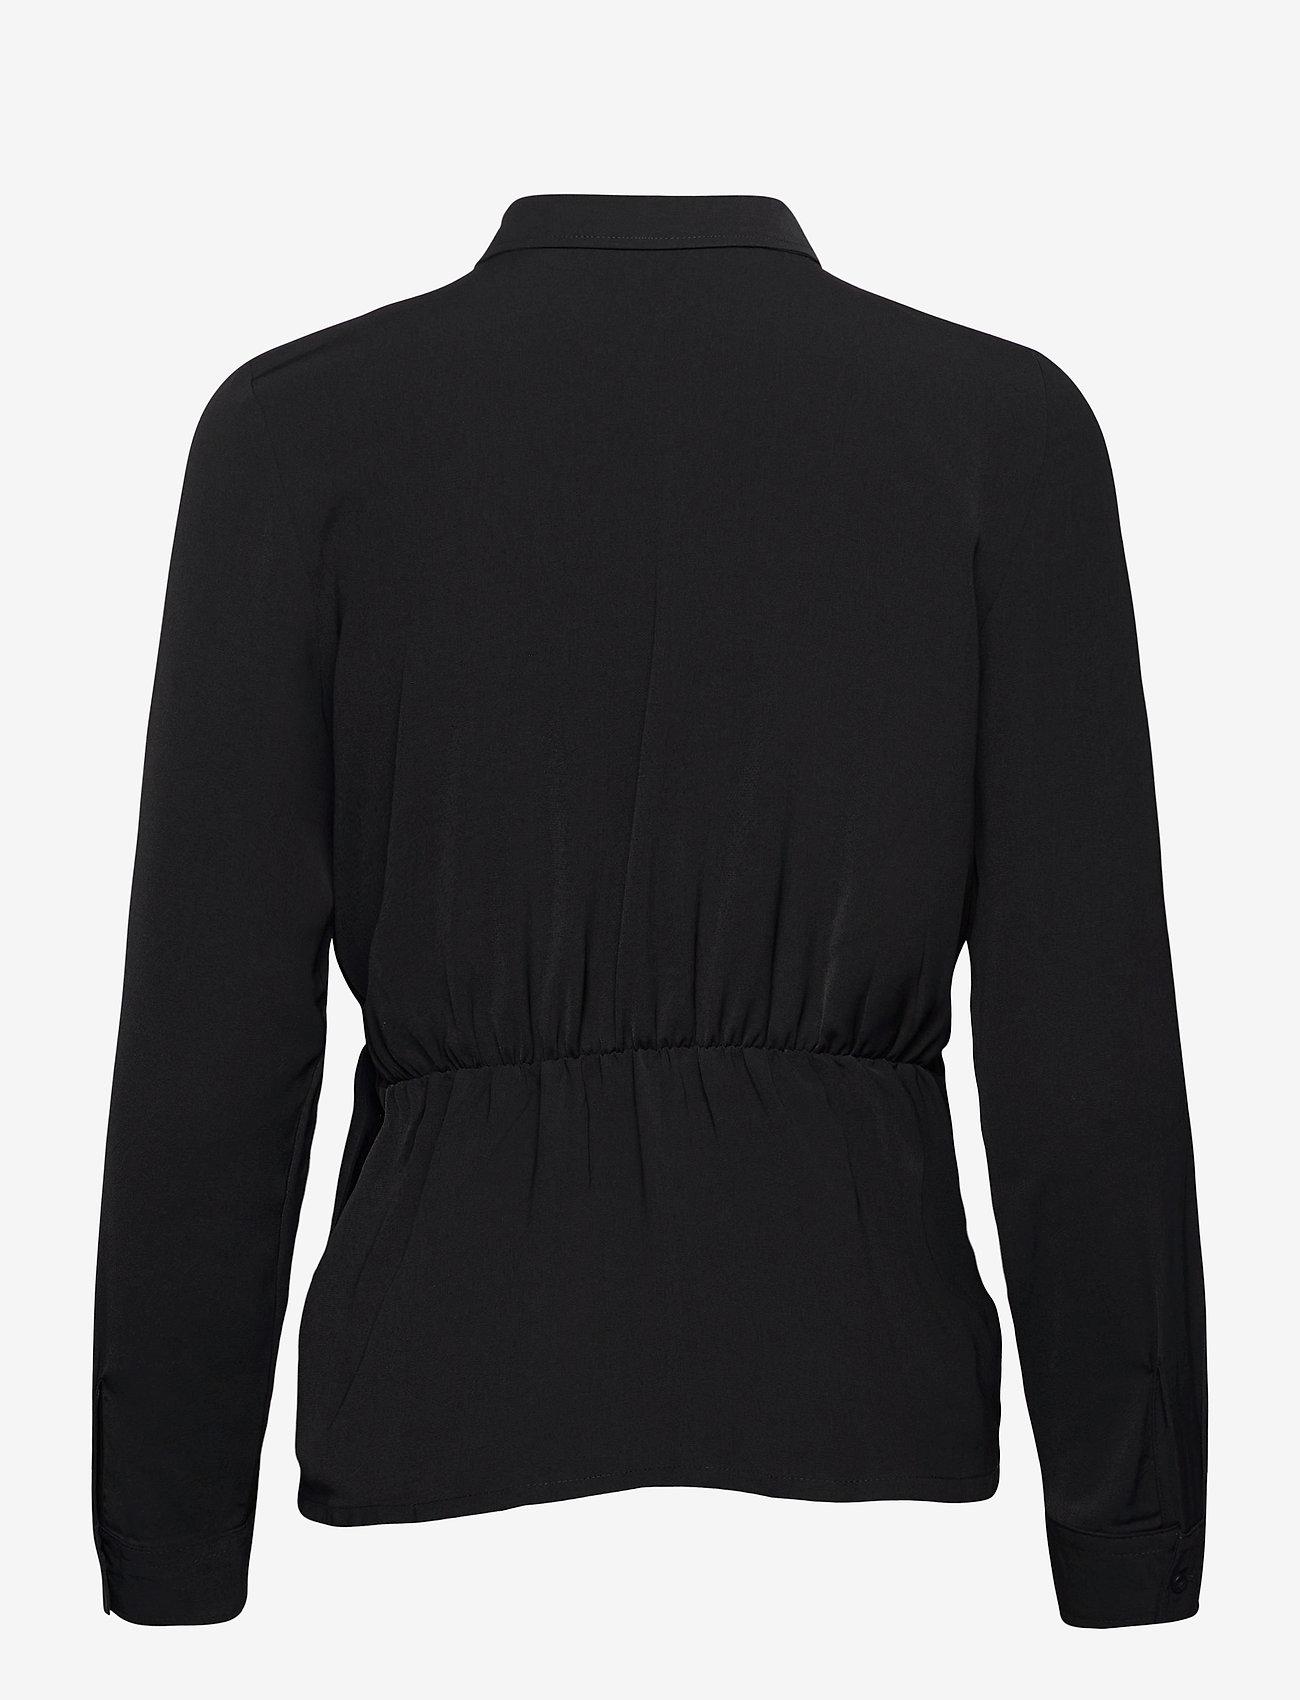 Vero Moda - VMMACI LS KNOT SHIRT WVN - långärmade skjortor - black - 1